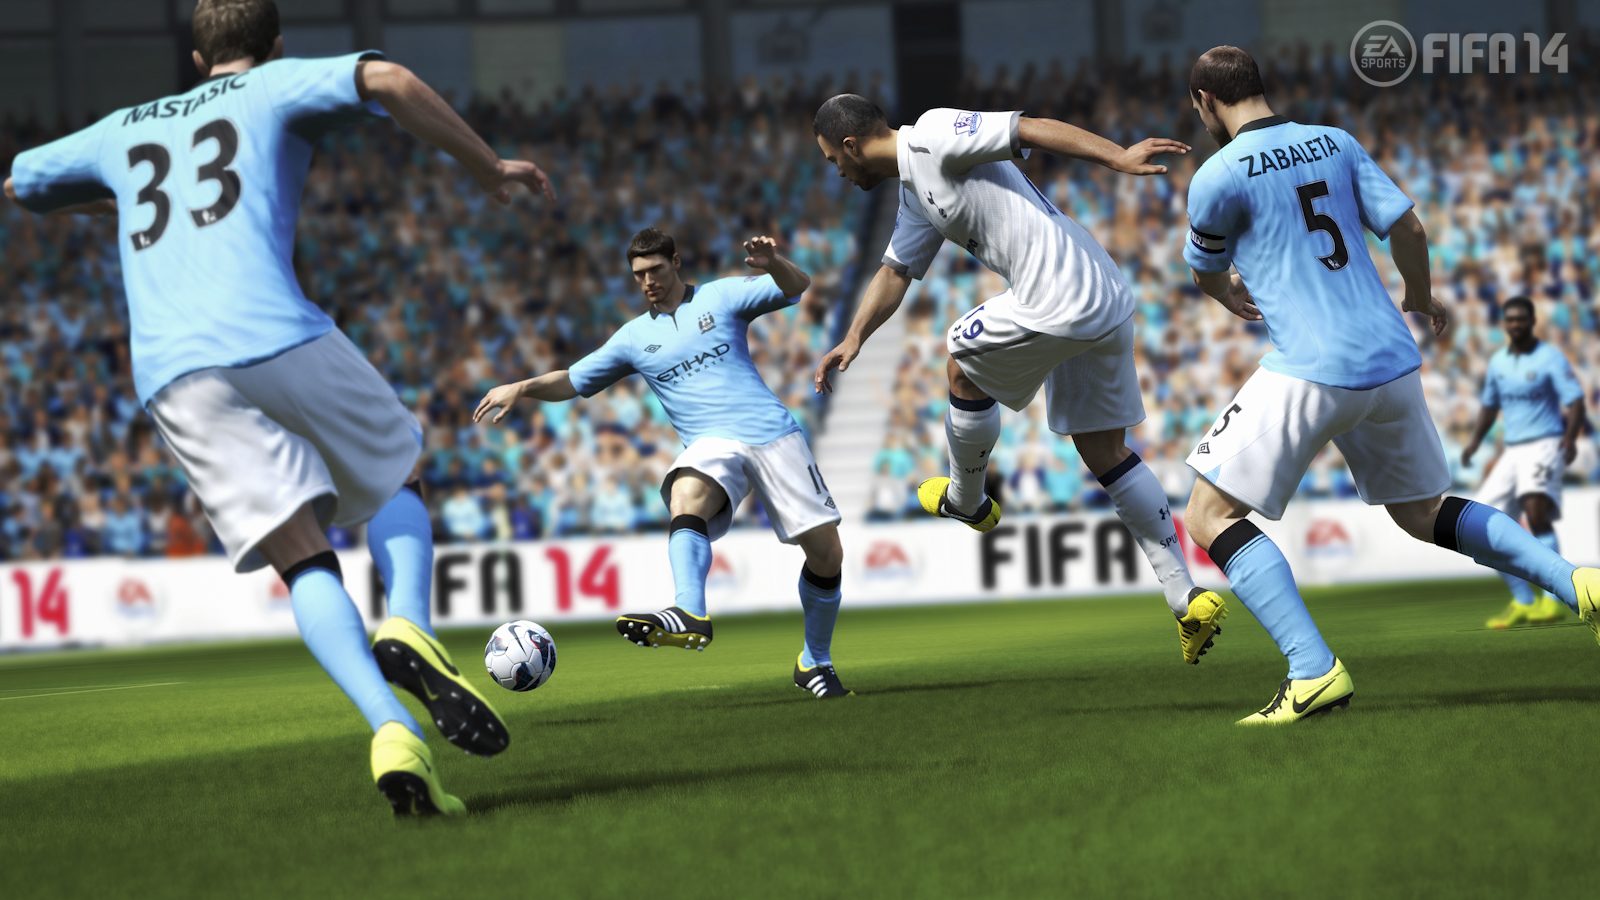 FIFA14_NG_UK_pure_shot_WM